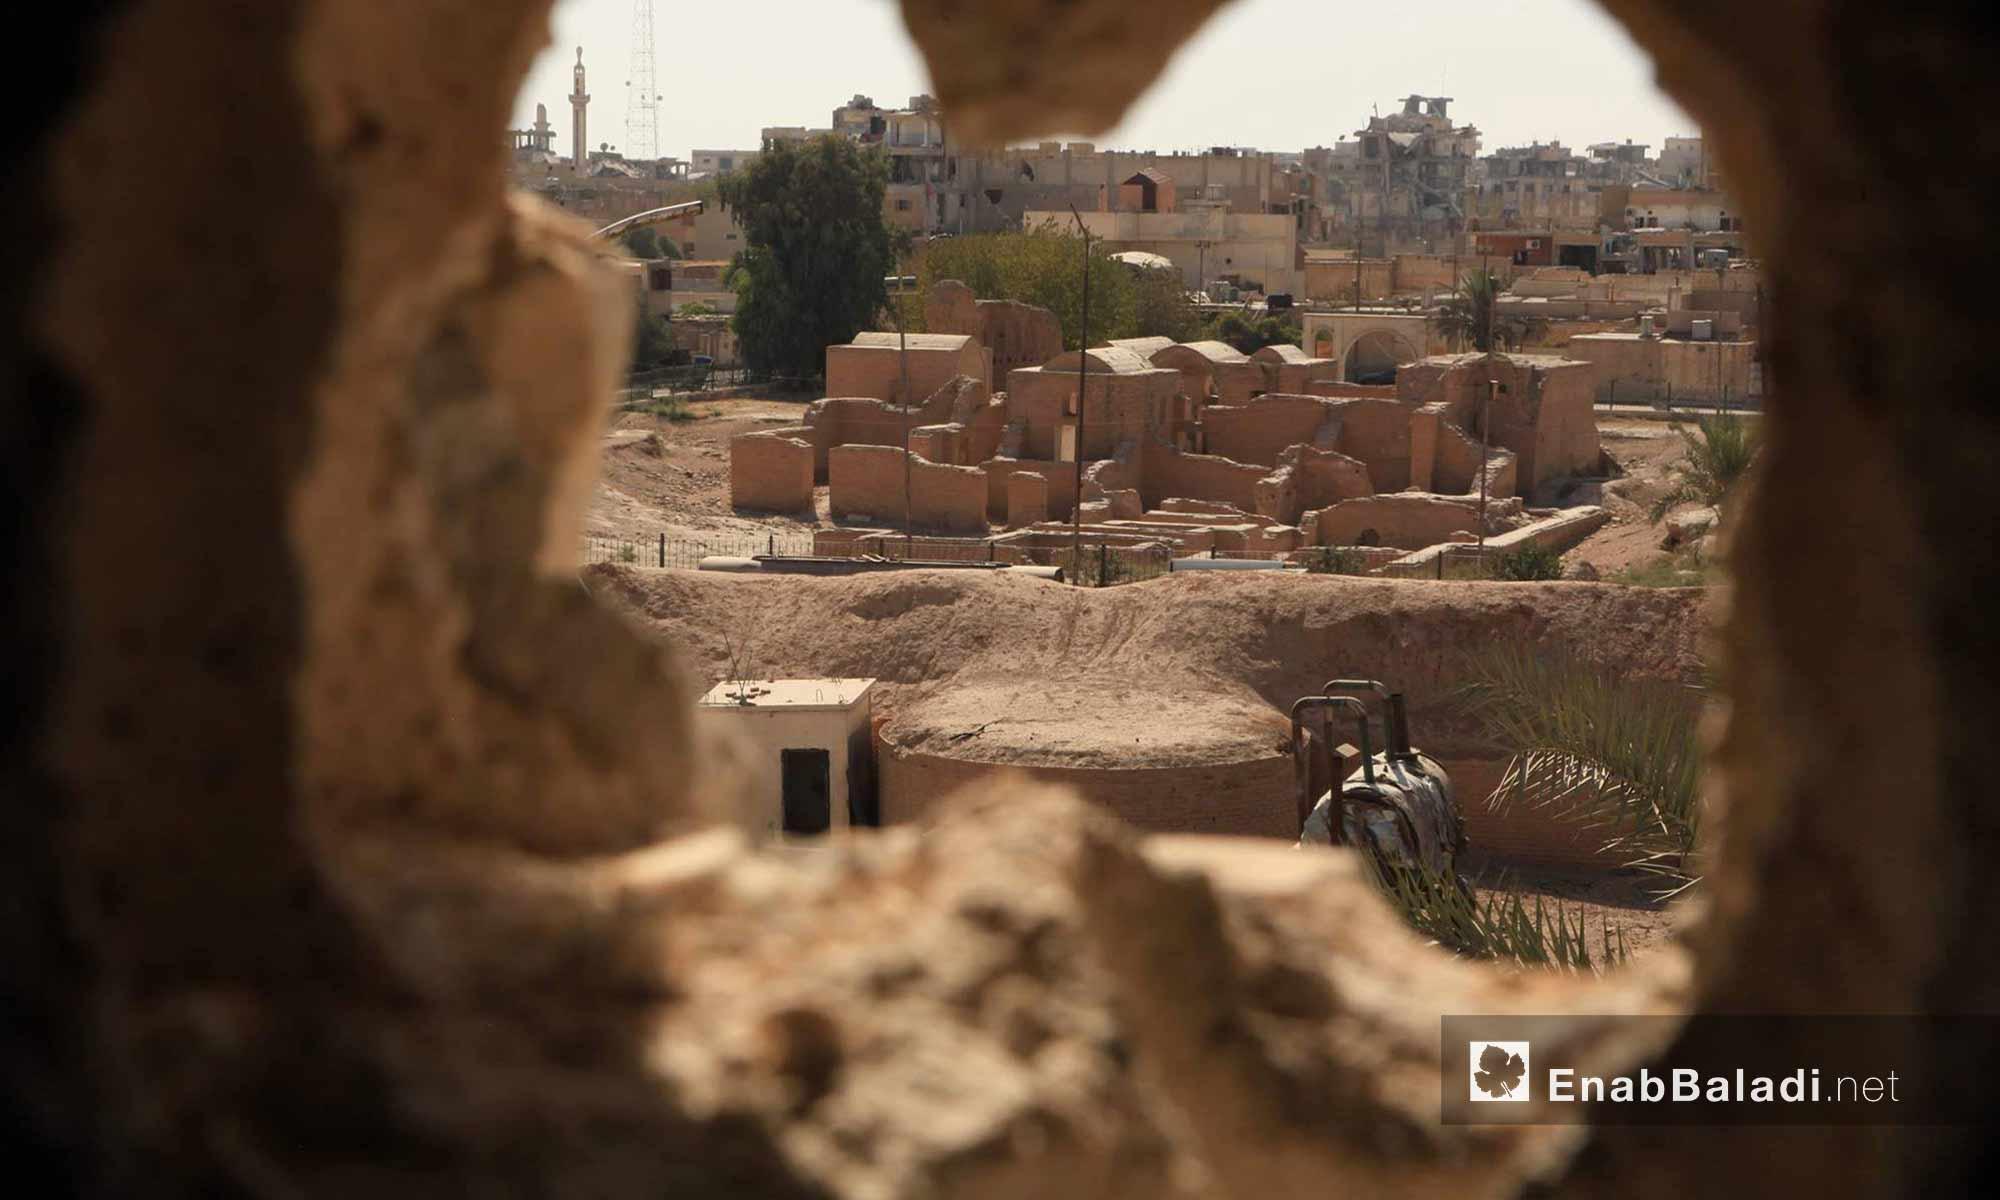 بيوت وأبنية داخل مدينة الرقة حي هشام بن عبد الملك (مركز المدينة) - 15 آب 2017 (عنب بلدي)